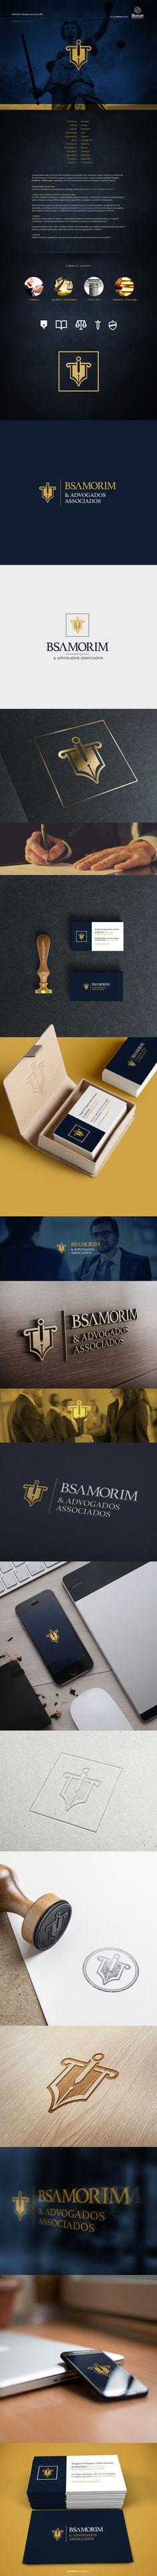 LOGO INDENTITY | BSAMORIM & Advogados Associados on Behance